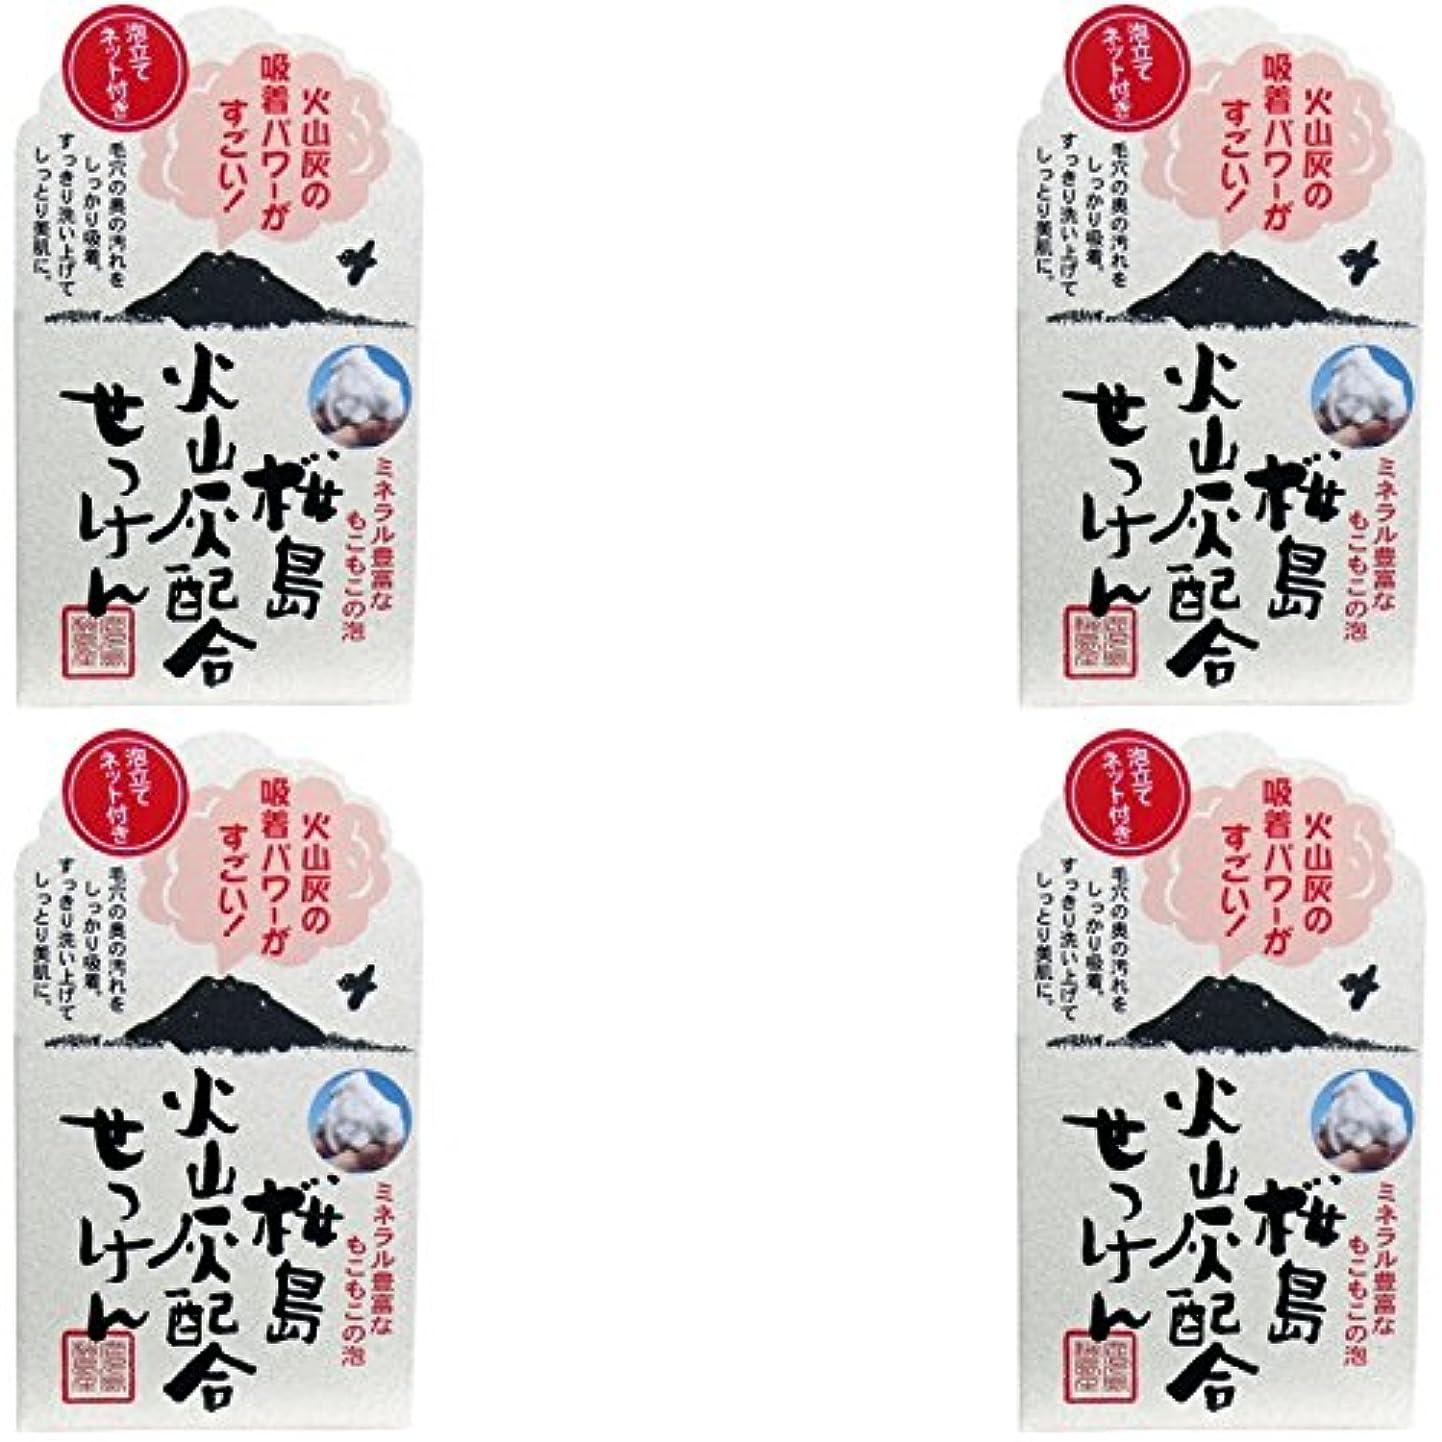 話す終了しました滑る【まとめ買い】ユゼ 桜島火山灰配合せっけん【×4個】